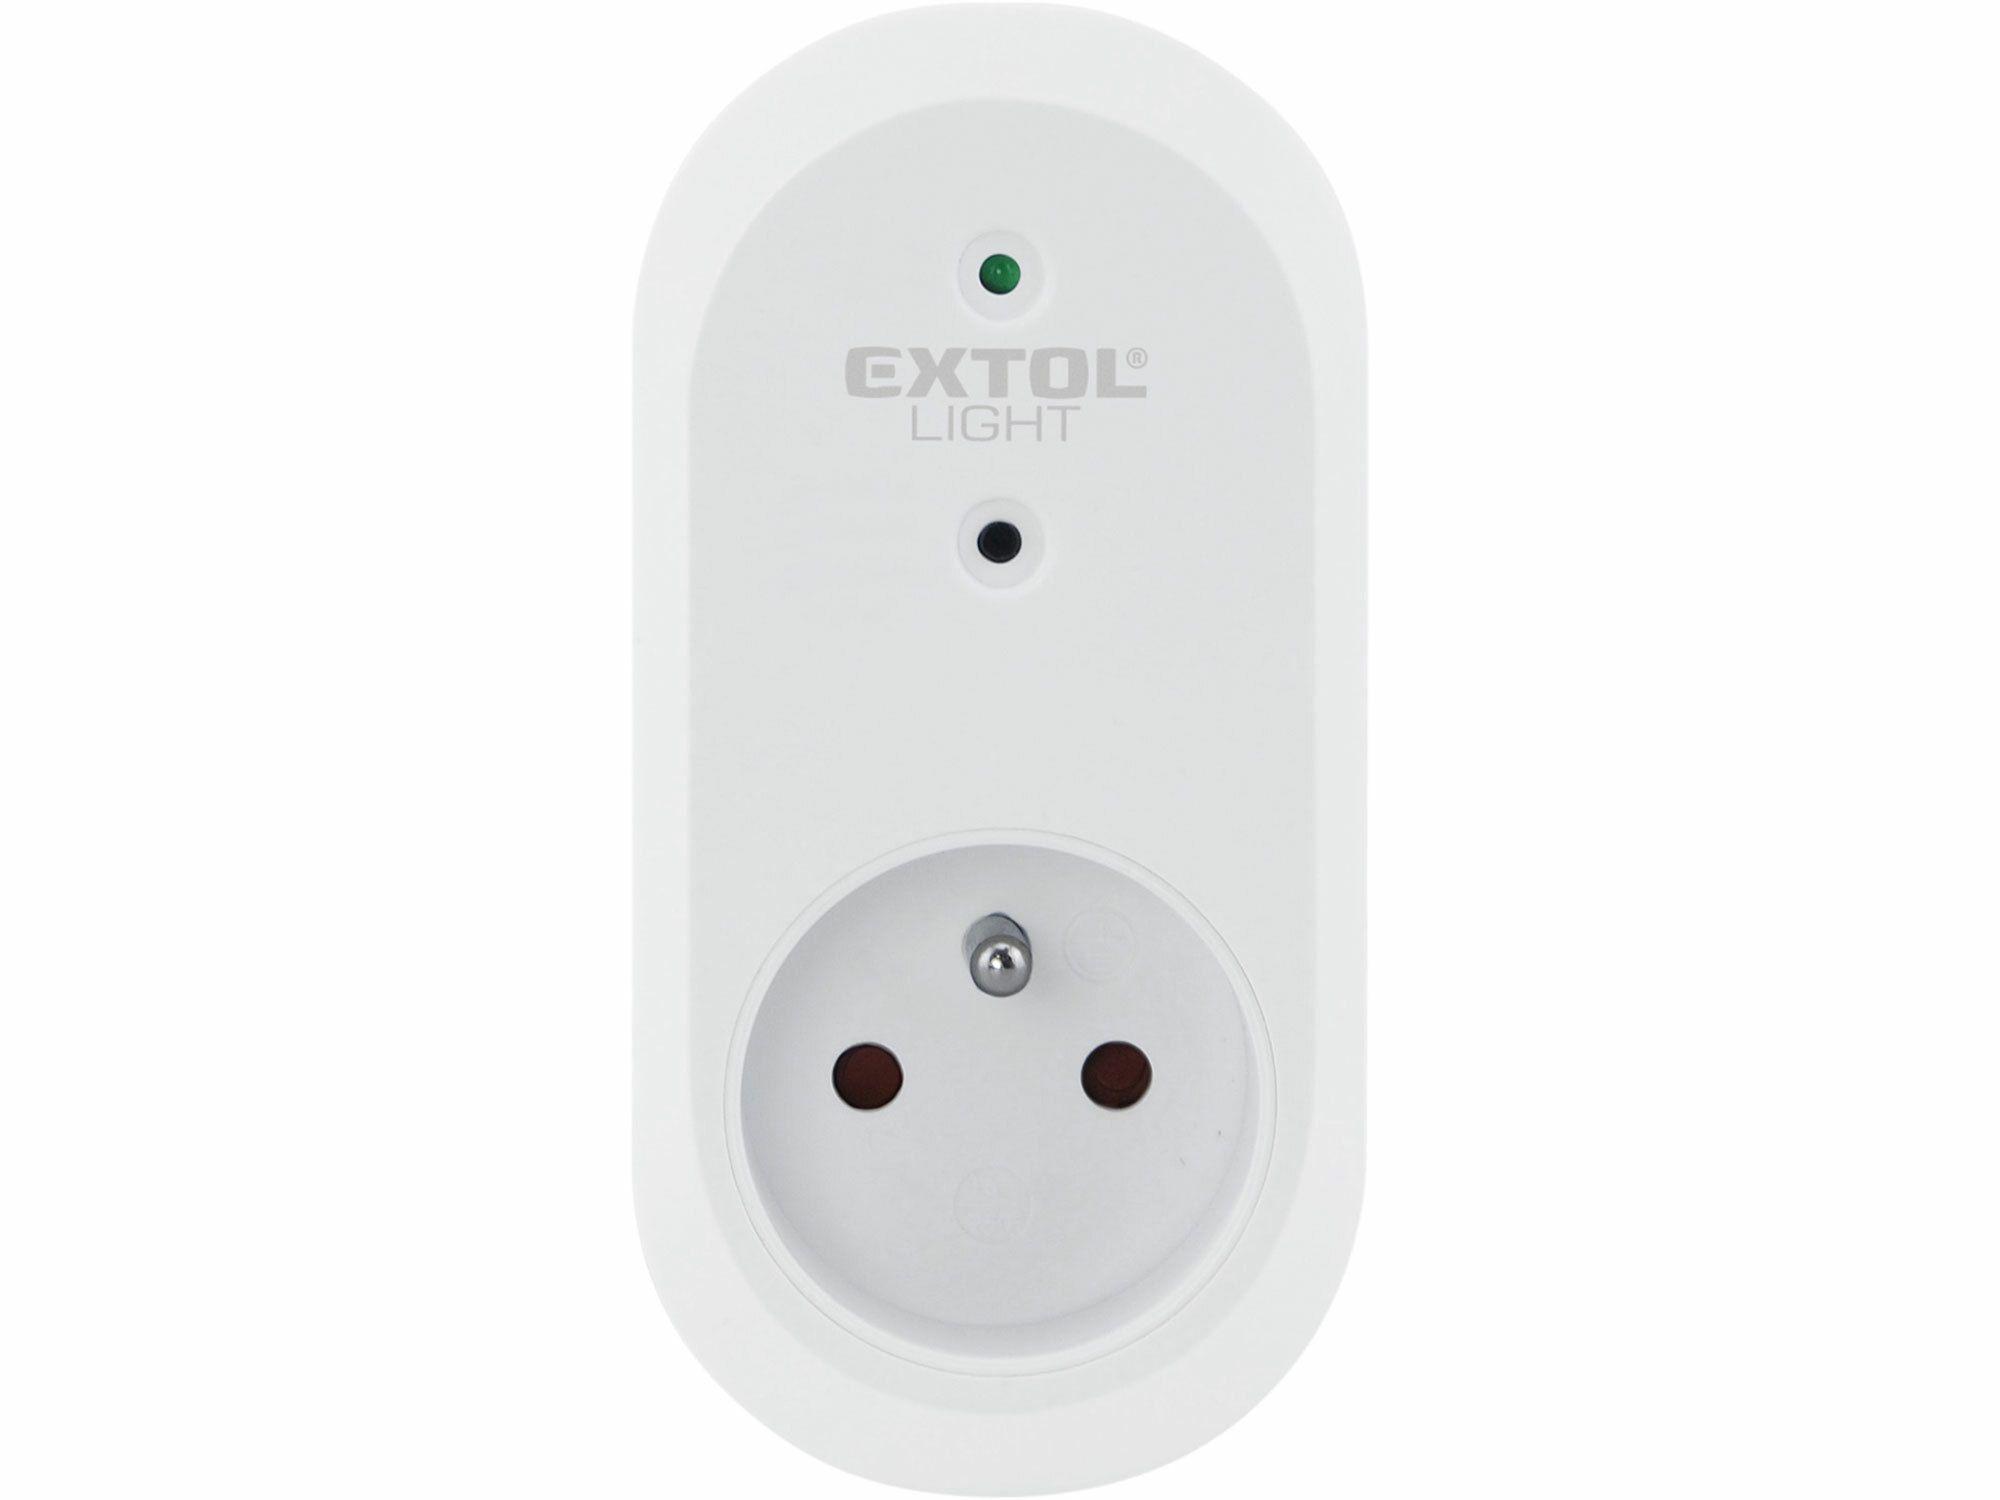 Zásuvka s dálkovým ovládáním, 2ks, dosah 30m, EXTOL LIGHT